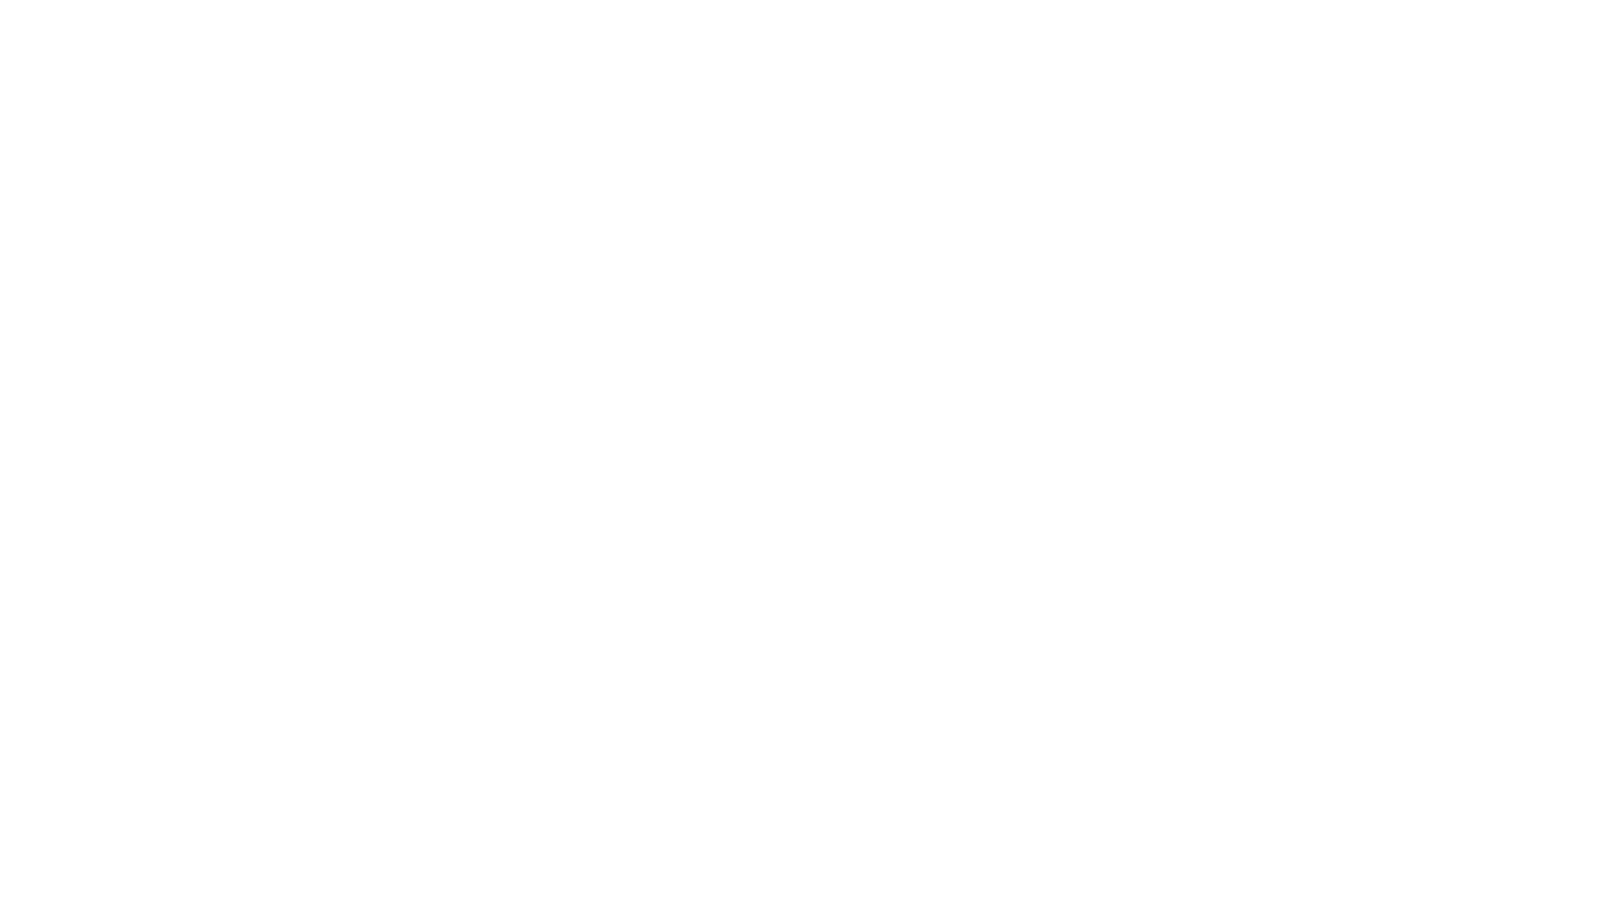 #parampiarki syntyy arjen onnistumisista ja oivalluksista, haasteiden voittamisesta, ruokailusta, rentoutumisesta ja omista rutiineista.   Jalostaja tukee viittä parayleisurheilijaa heidän urallaan ja parammassa arjessaan – mukana Jalostaja Para Teamissa ovat Leo-Pekka Tähti, Amanda Kotaja, Jasmine Repo, Sini Paukkeri ja Iida Lounela.   Seuraa tiimiläistemme parampaa arkea Jalostaja Para Teamin Instagramissa: https://www.instagram.com/jalostajaparateam/